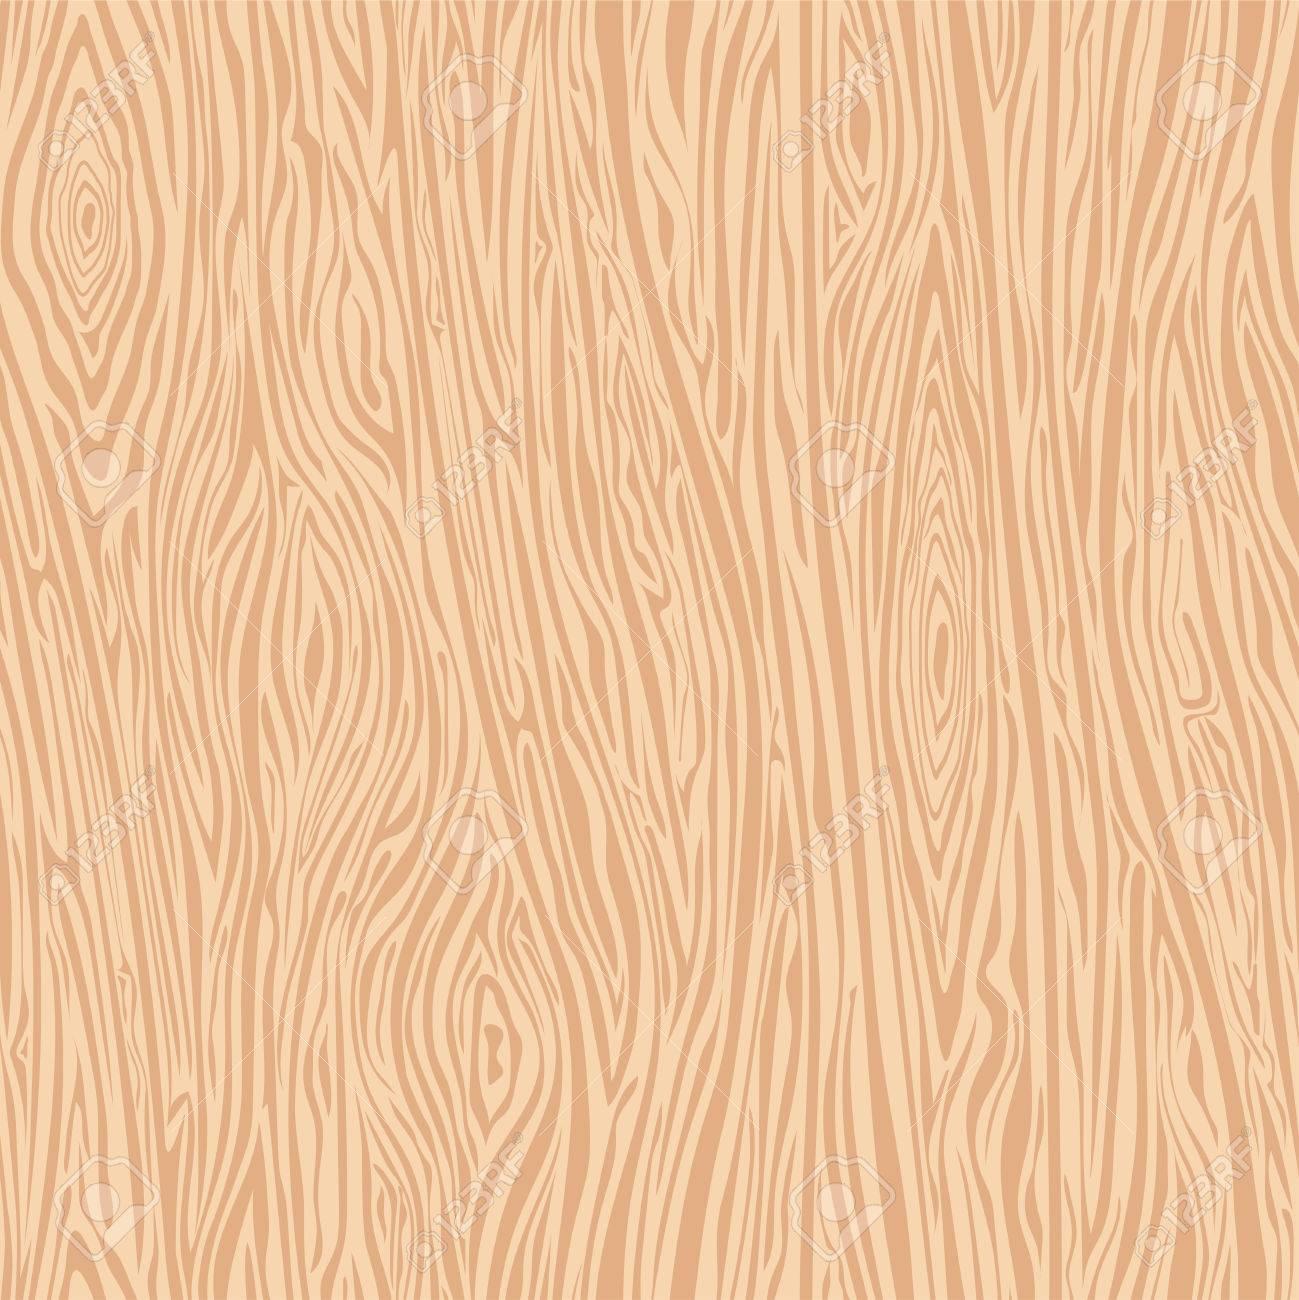 Texture En Bois Peint Sans Couture Fond De Bois Pour Table